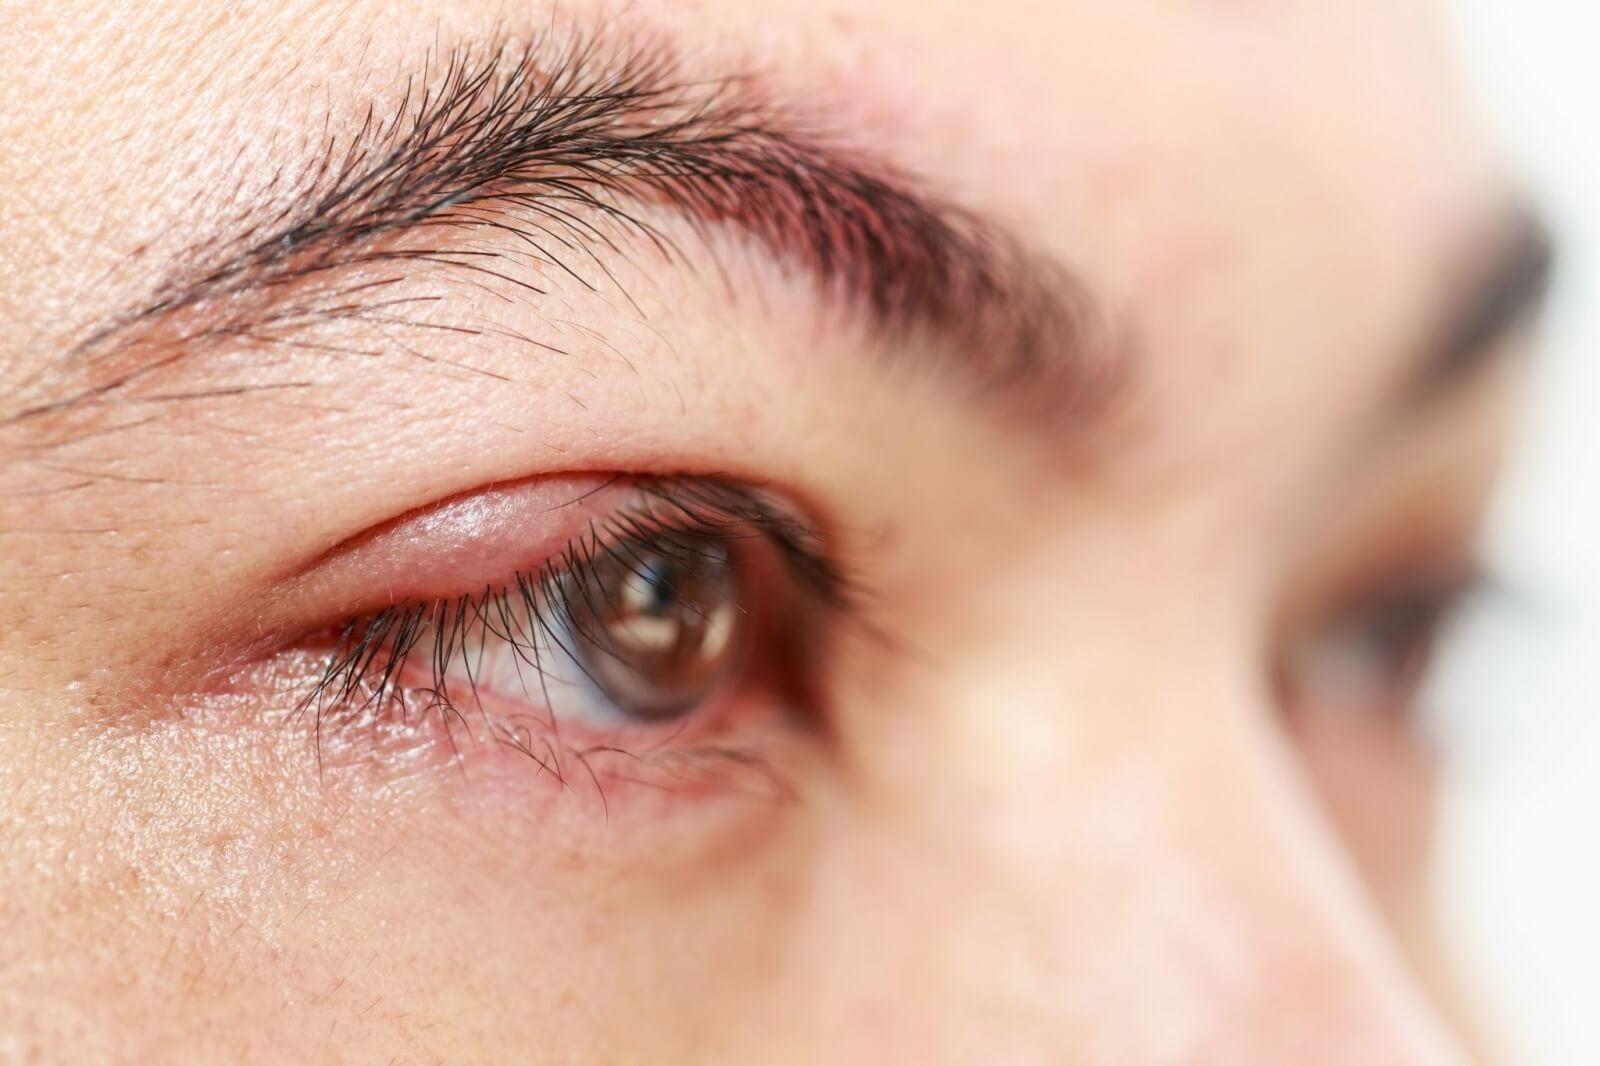 Lẹo mắt có tự khỏi không? Cách chữa hiệu quả và an toàn nhất